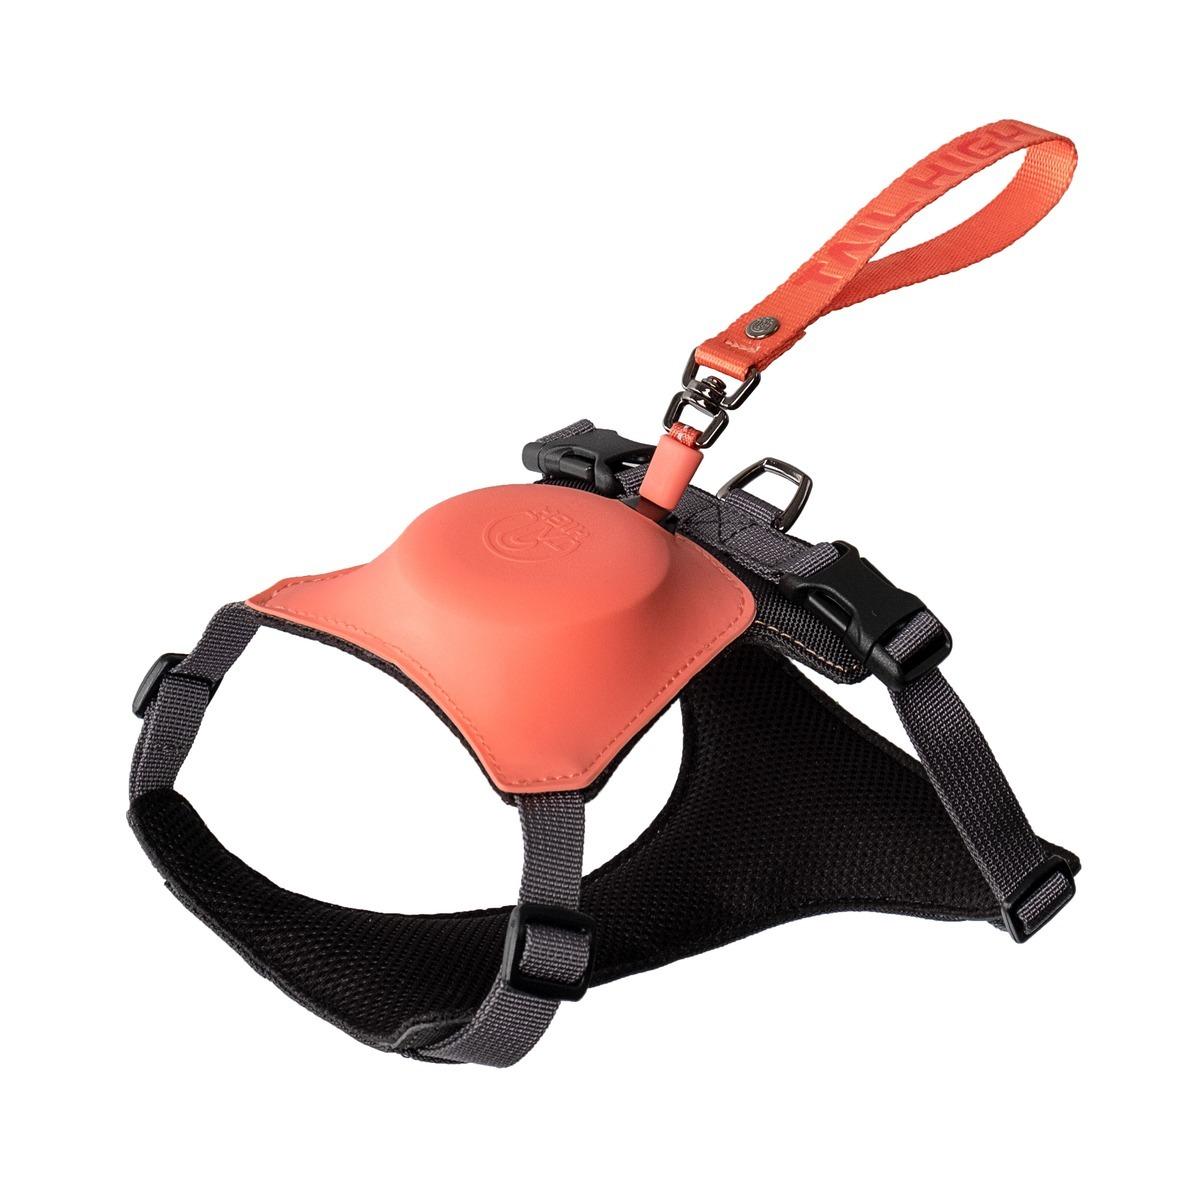 テニスボールの空気圧を維持し何度もニューボールの打球感を得られるようになります。